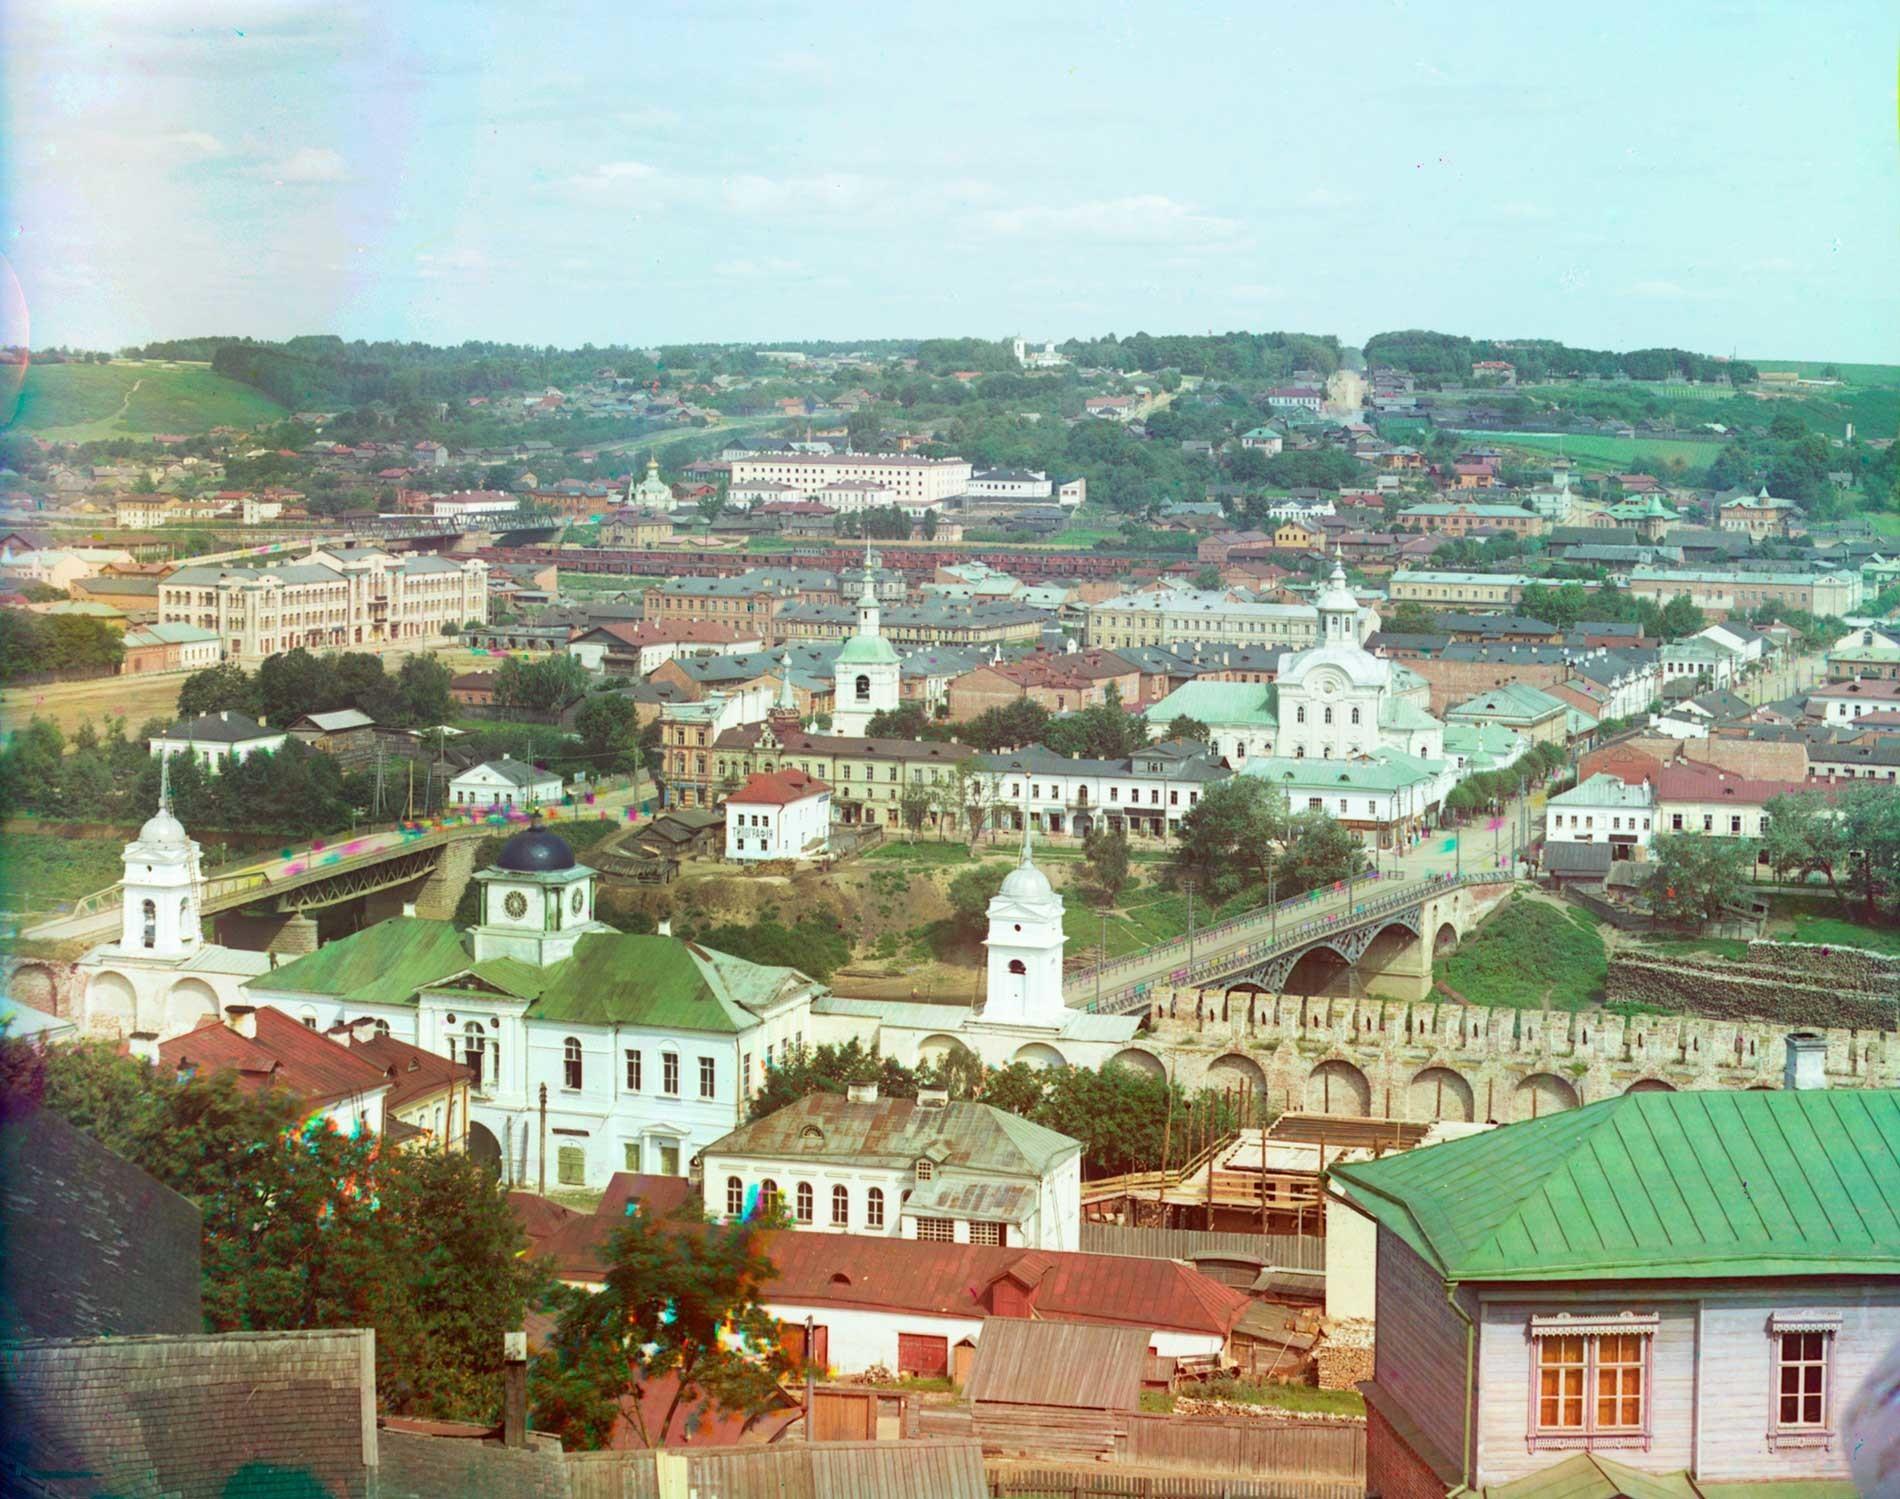 Smolensk. Vista al norte desde el campanario de la Catedral de la Dormición. Muralla norte y Puerta del Dniéper con la Iglesia de la Puerta del Icono de Hodegetria. Más allá de los dos puentes que cruzan el río Dniéper se encuentra la iglesia de San Nicolás. Verano de 1912.